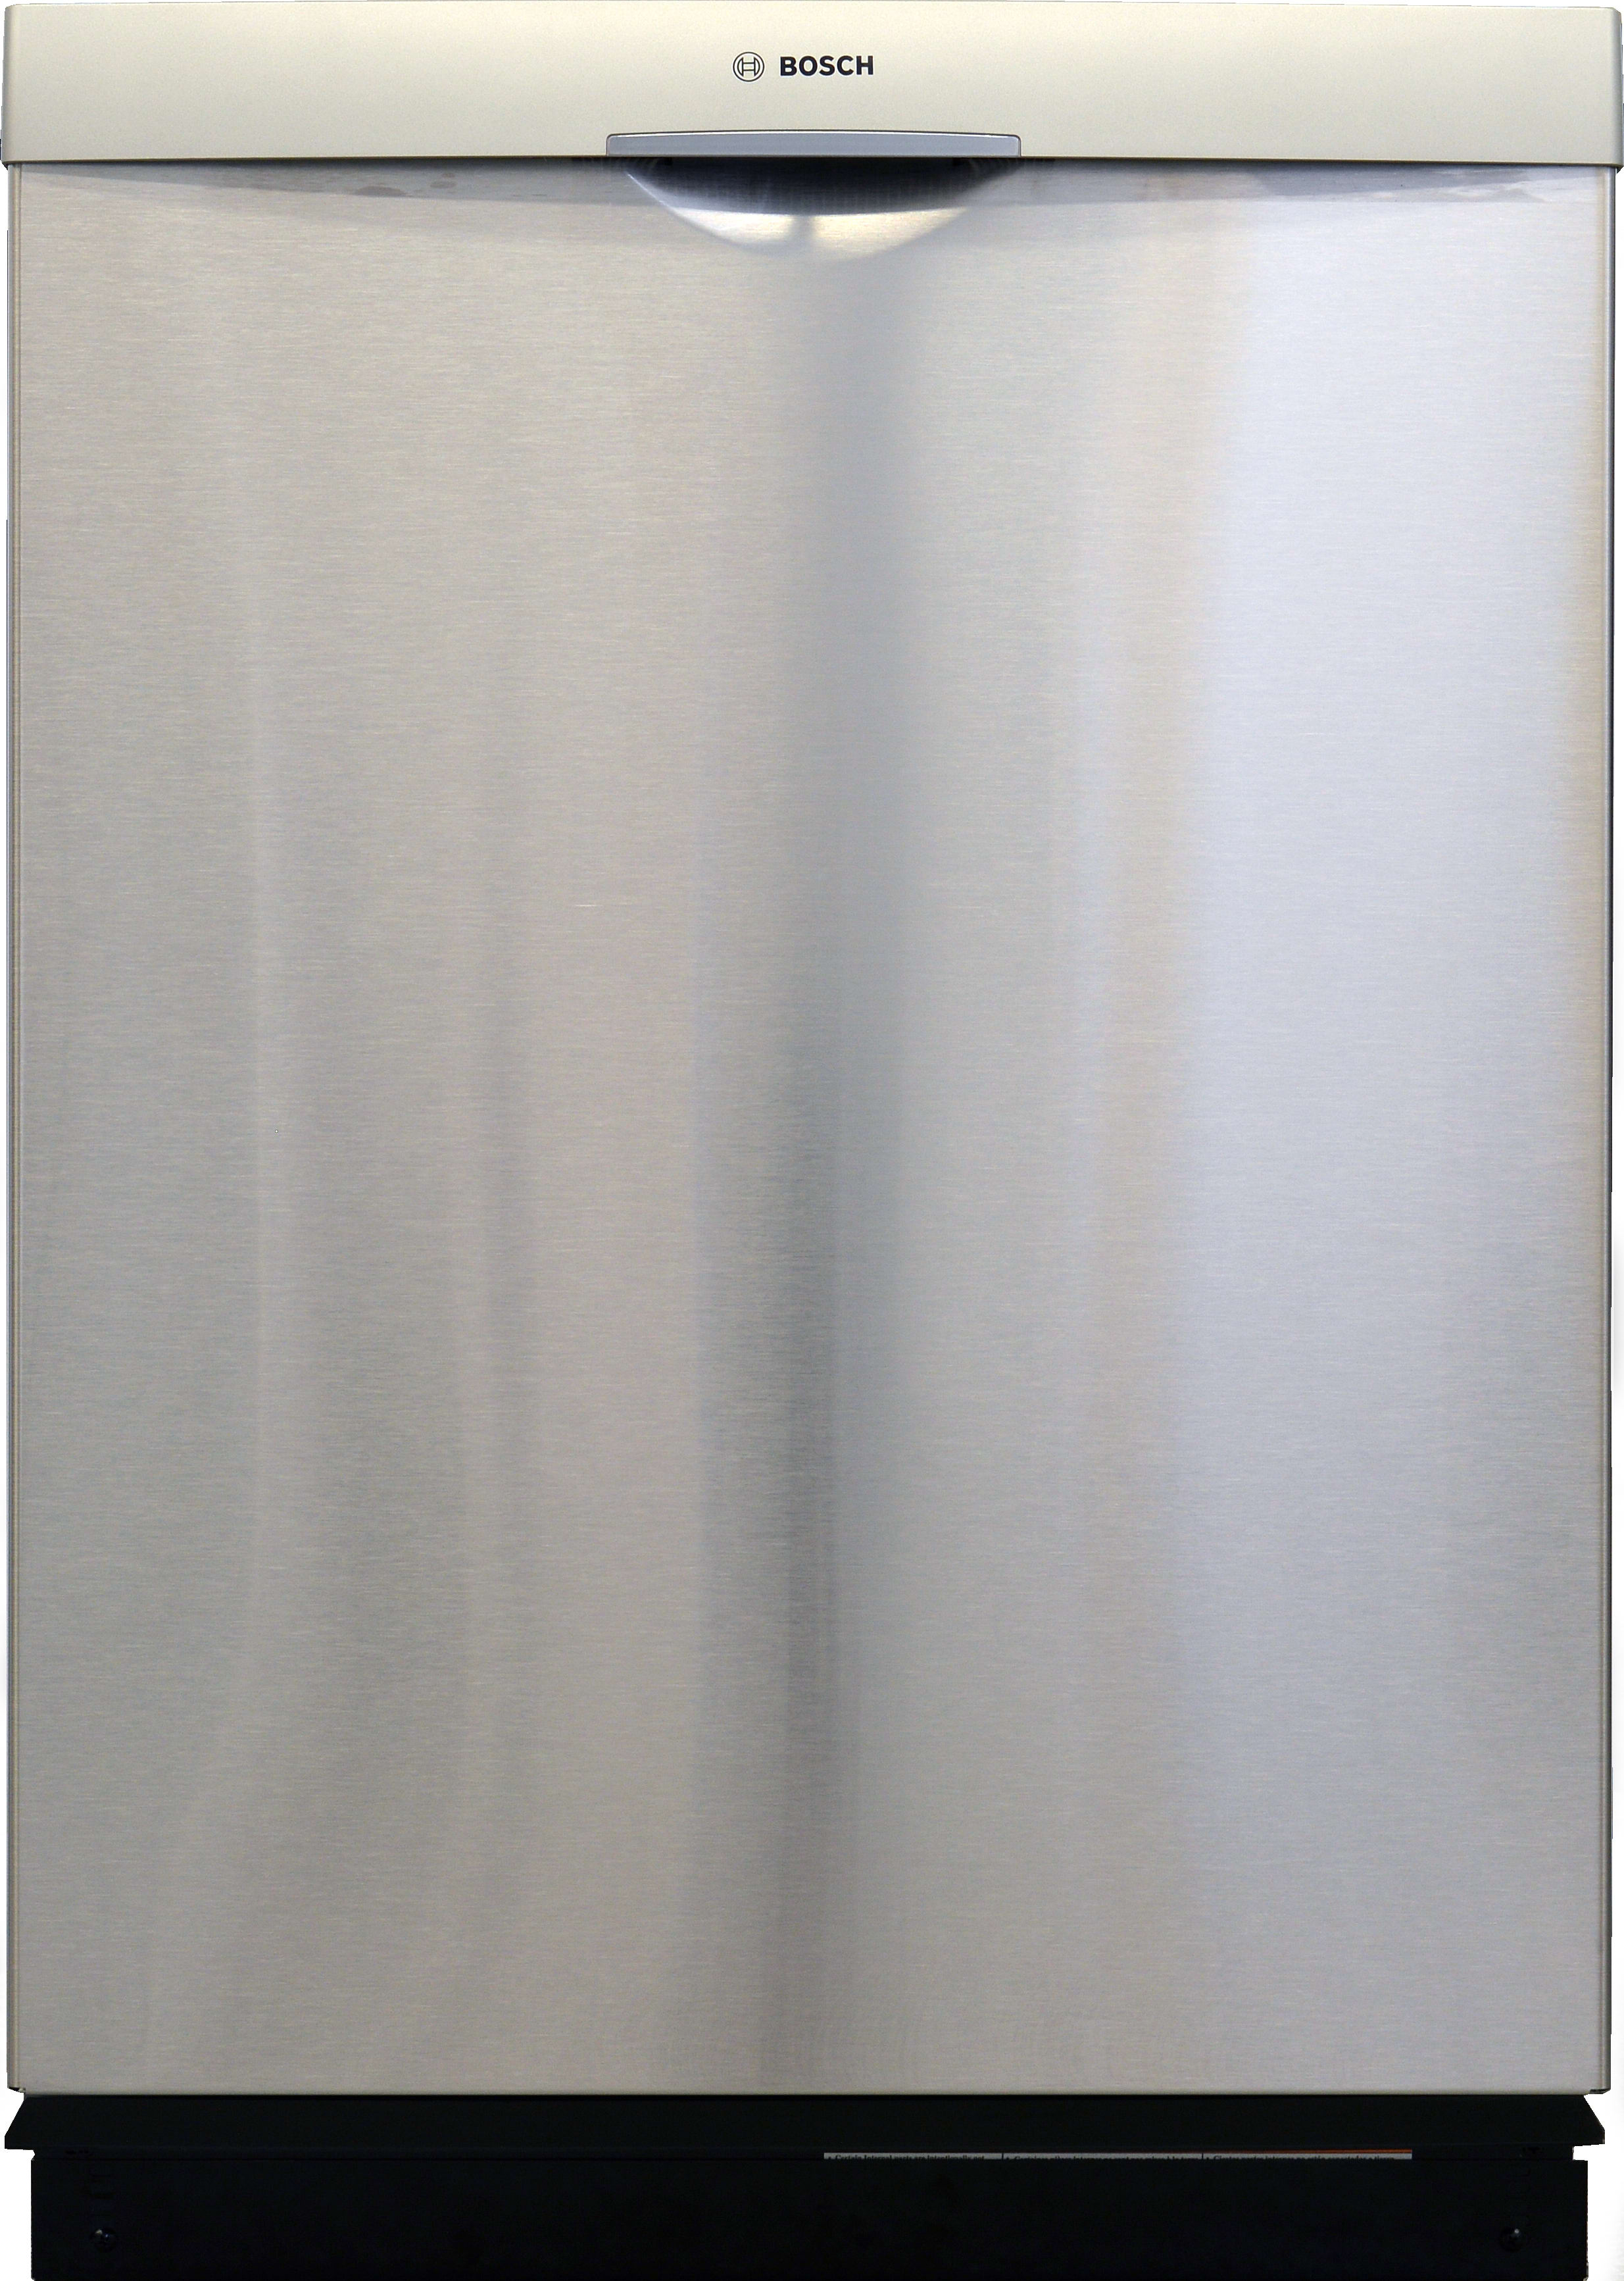 Bosch Ascenta SHS5AV55UC Dishwasher Review - Reviewed.com Dishwashers